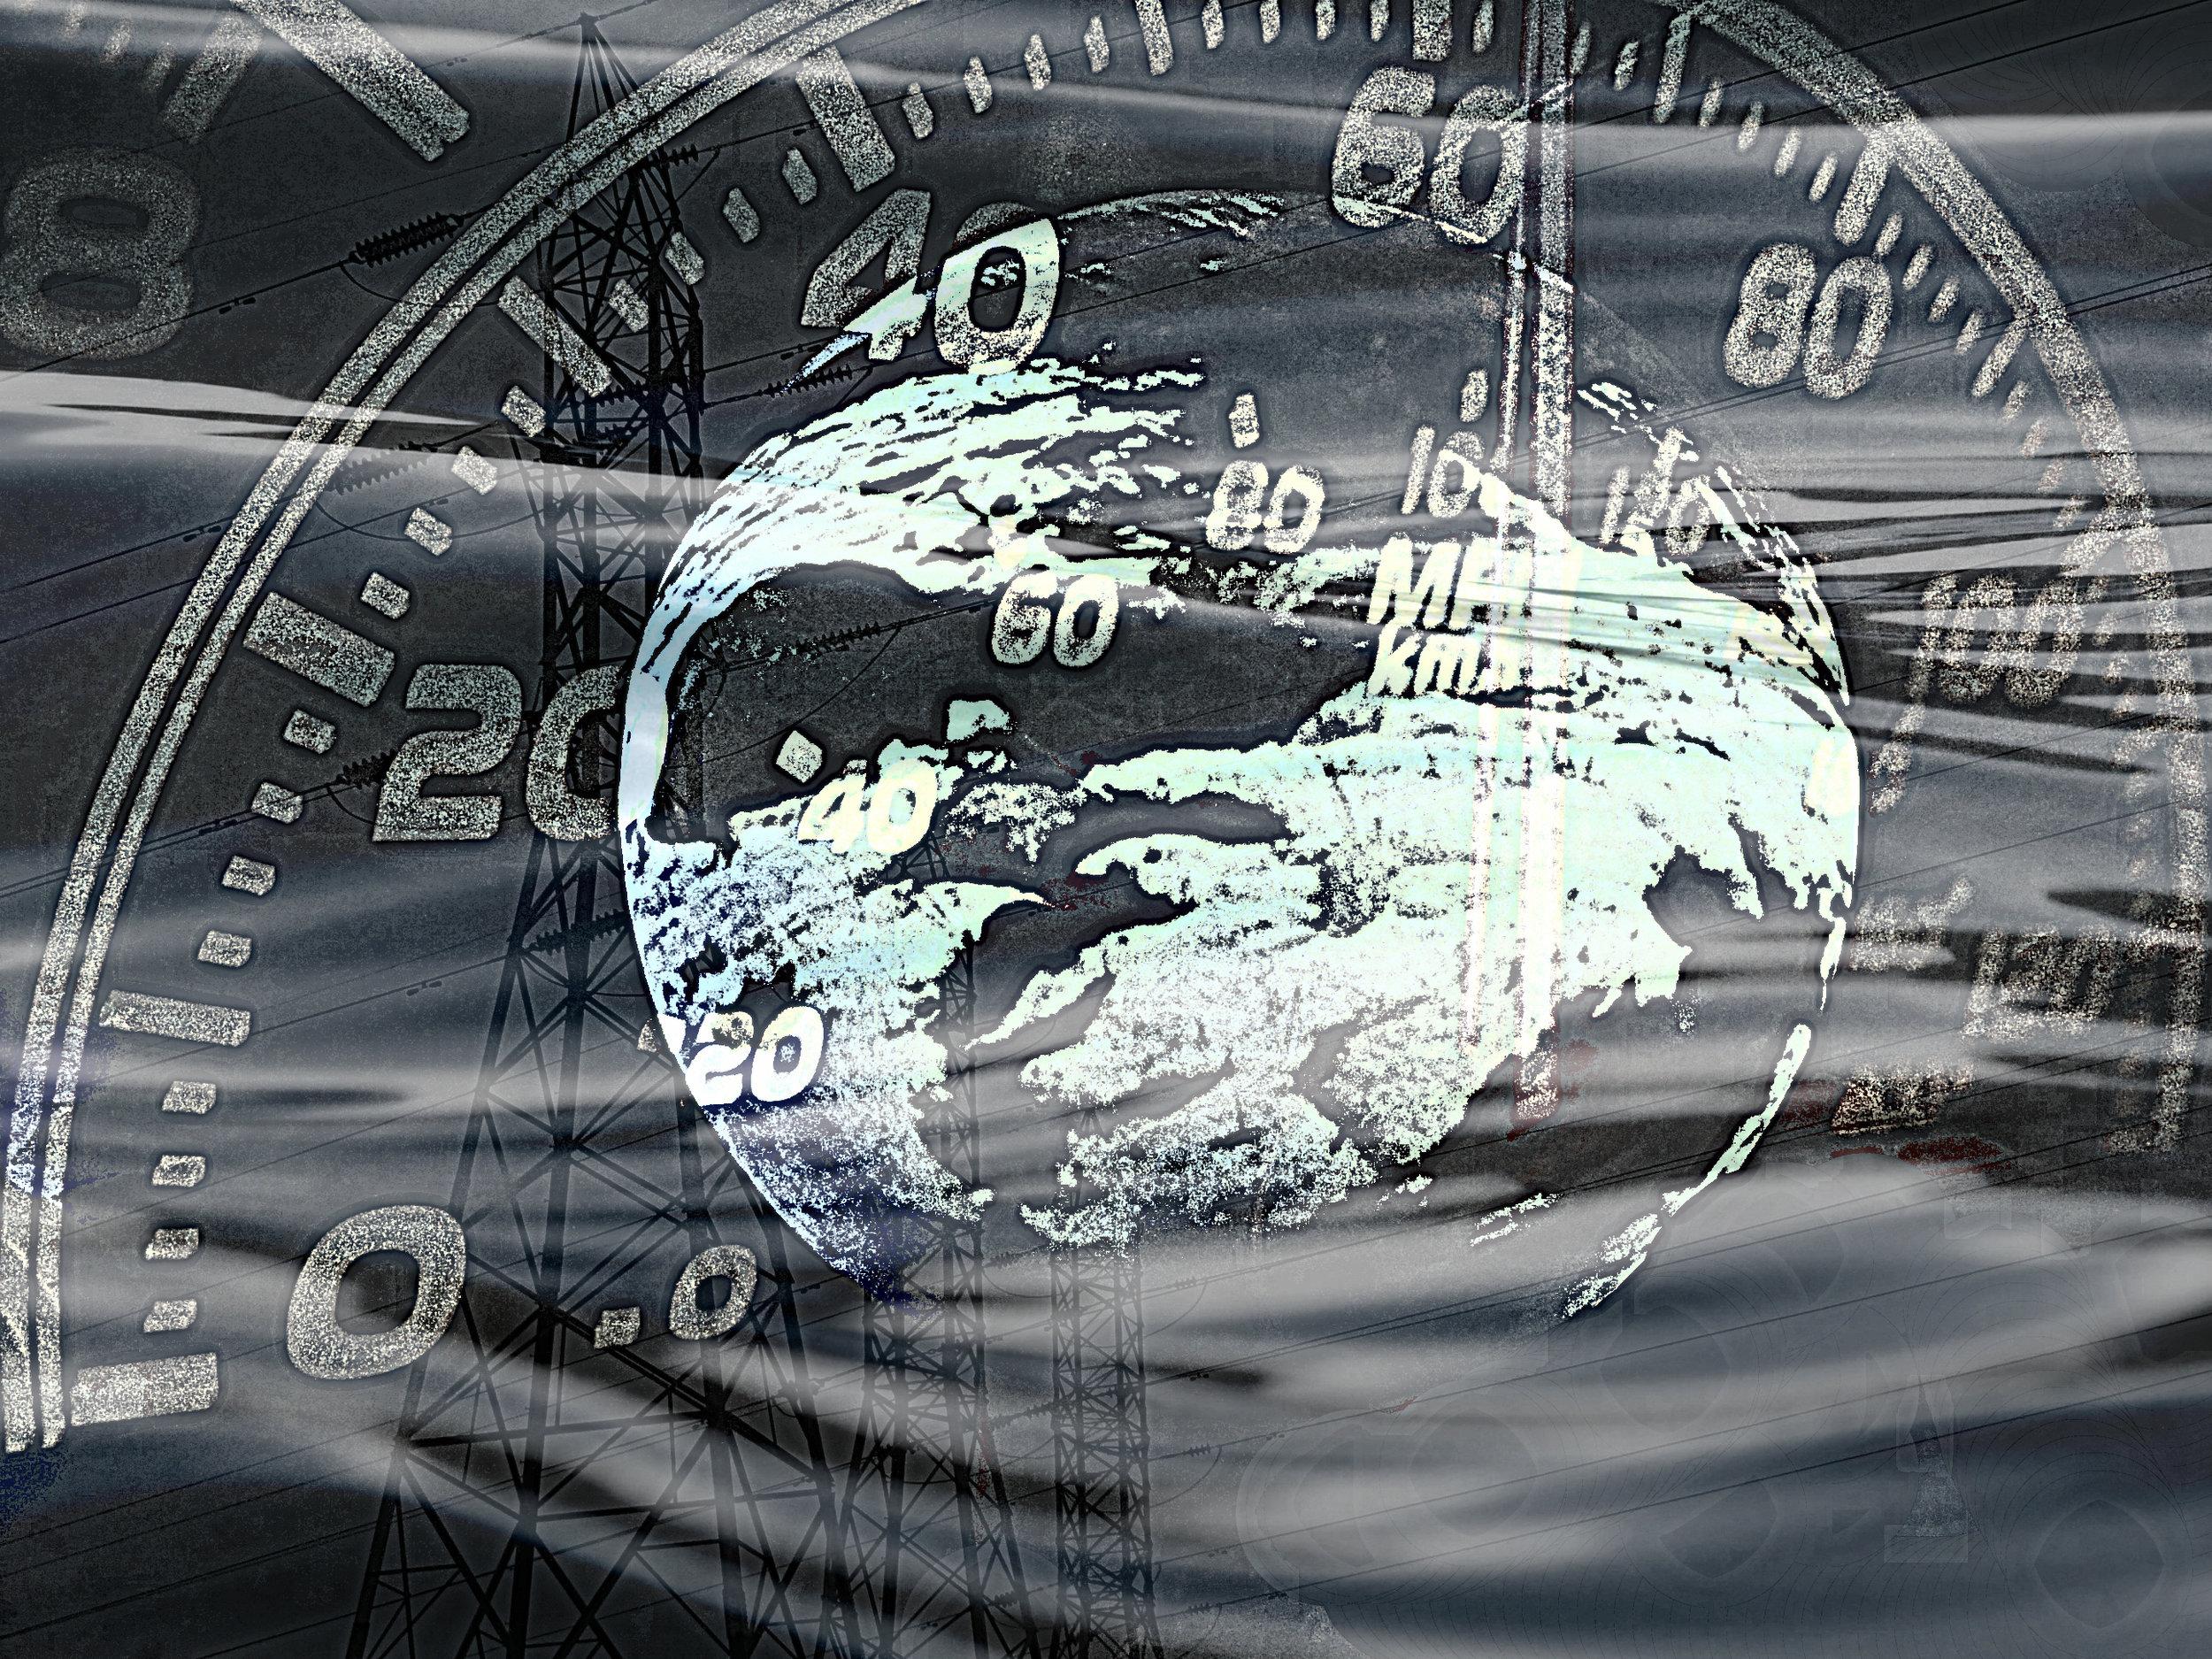 DSC00419vv.jpg